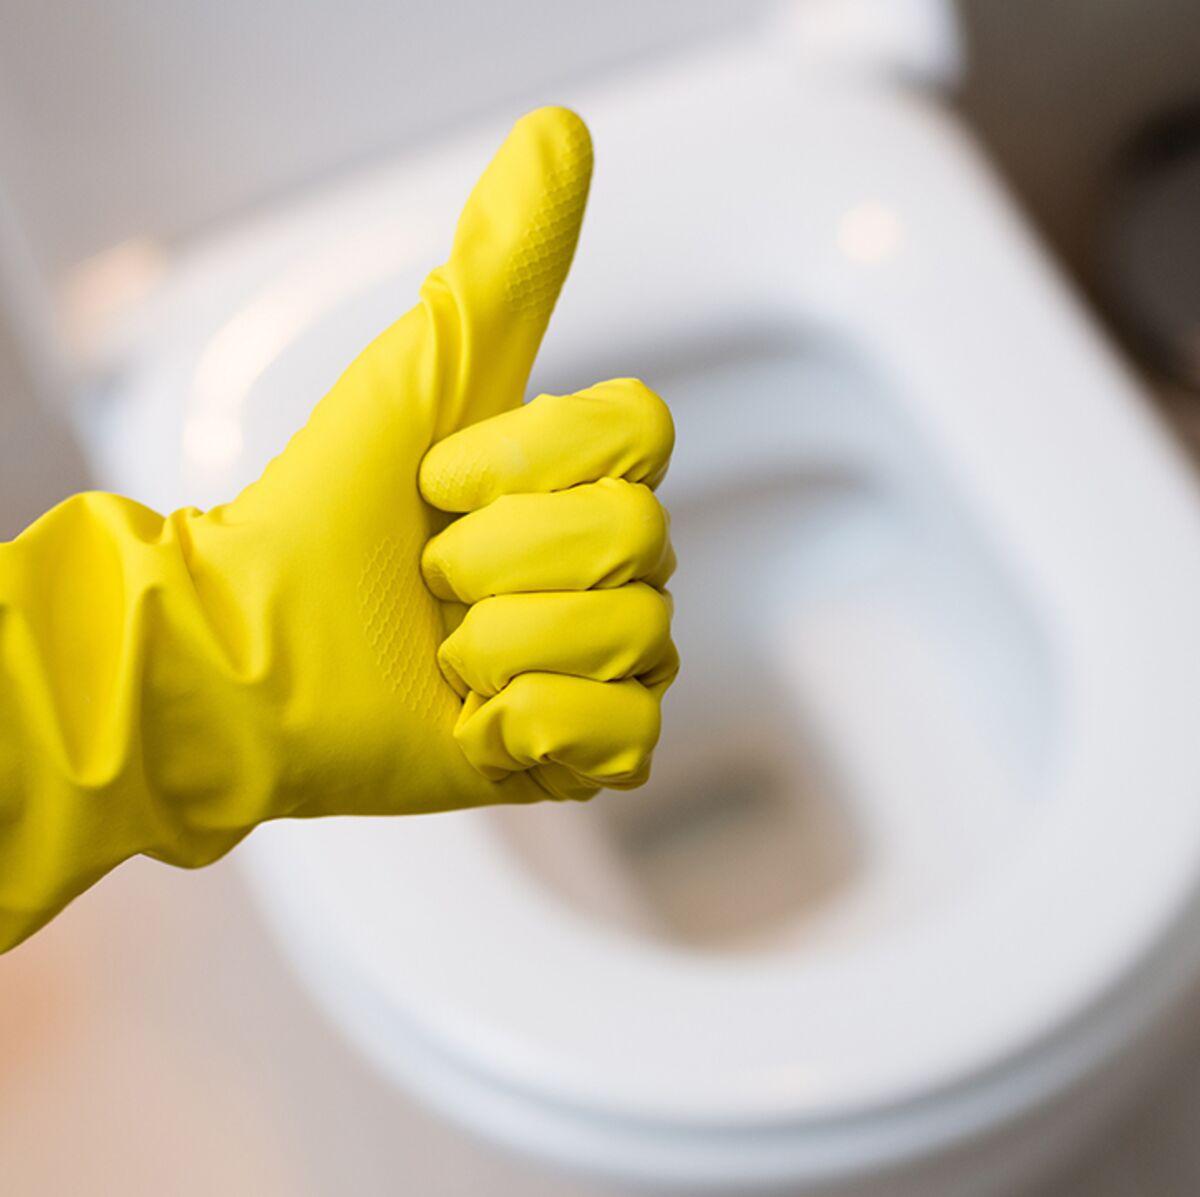 Nettoyer Lunette Toilettes Vinaigre Blanc les 6 astuces faciles pour nettoyer vos toilettes : femme